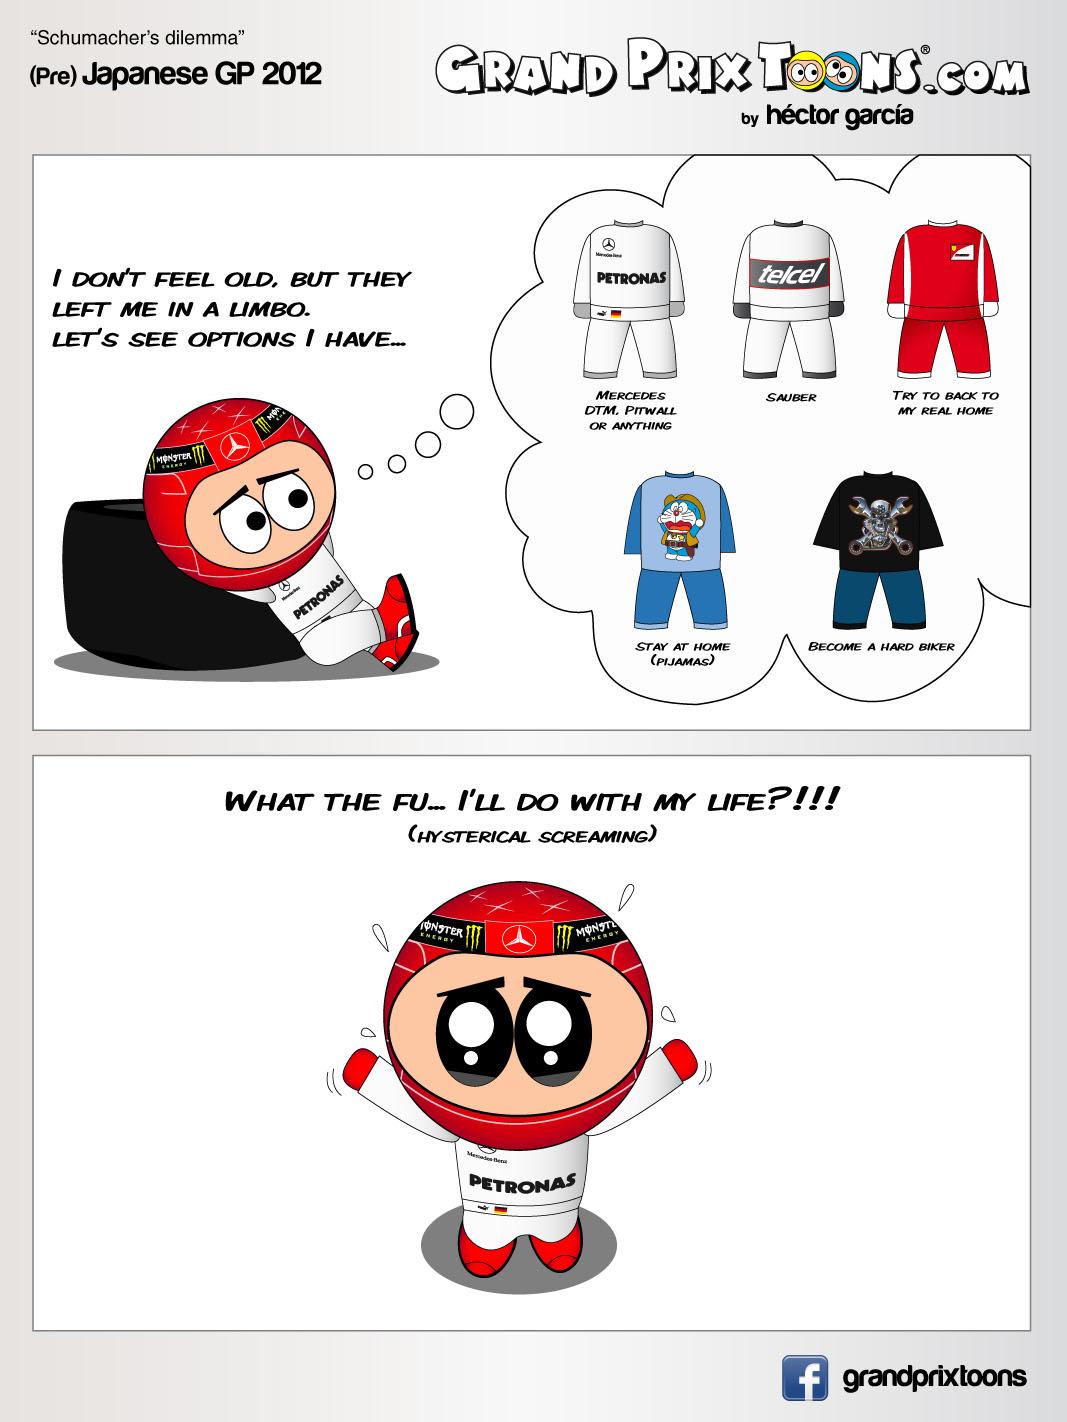 Михаэль Шумахер размышляет о будущем - комикс Grand Prix Toons